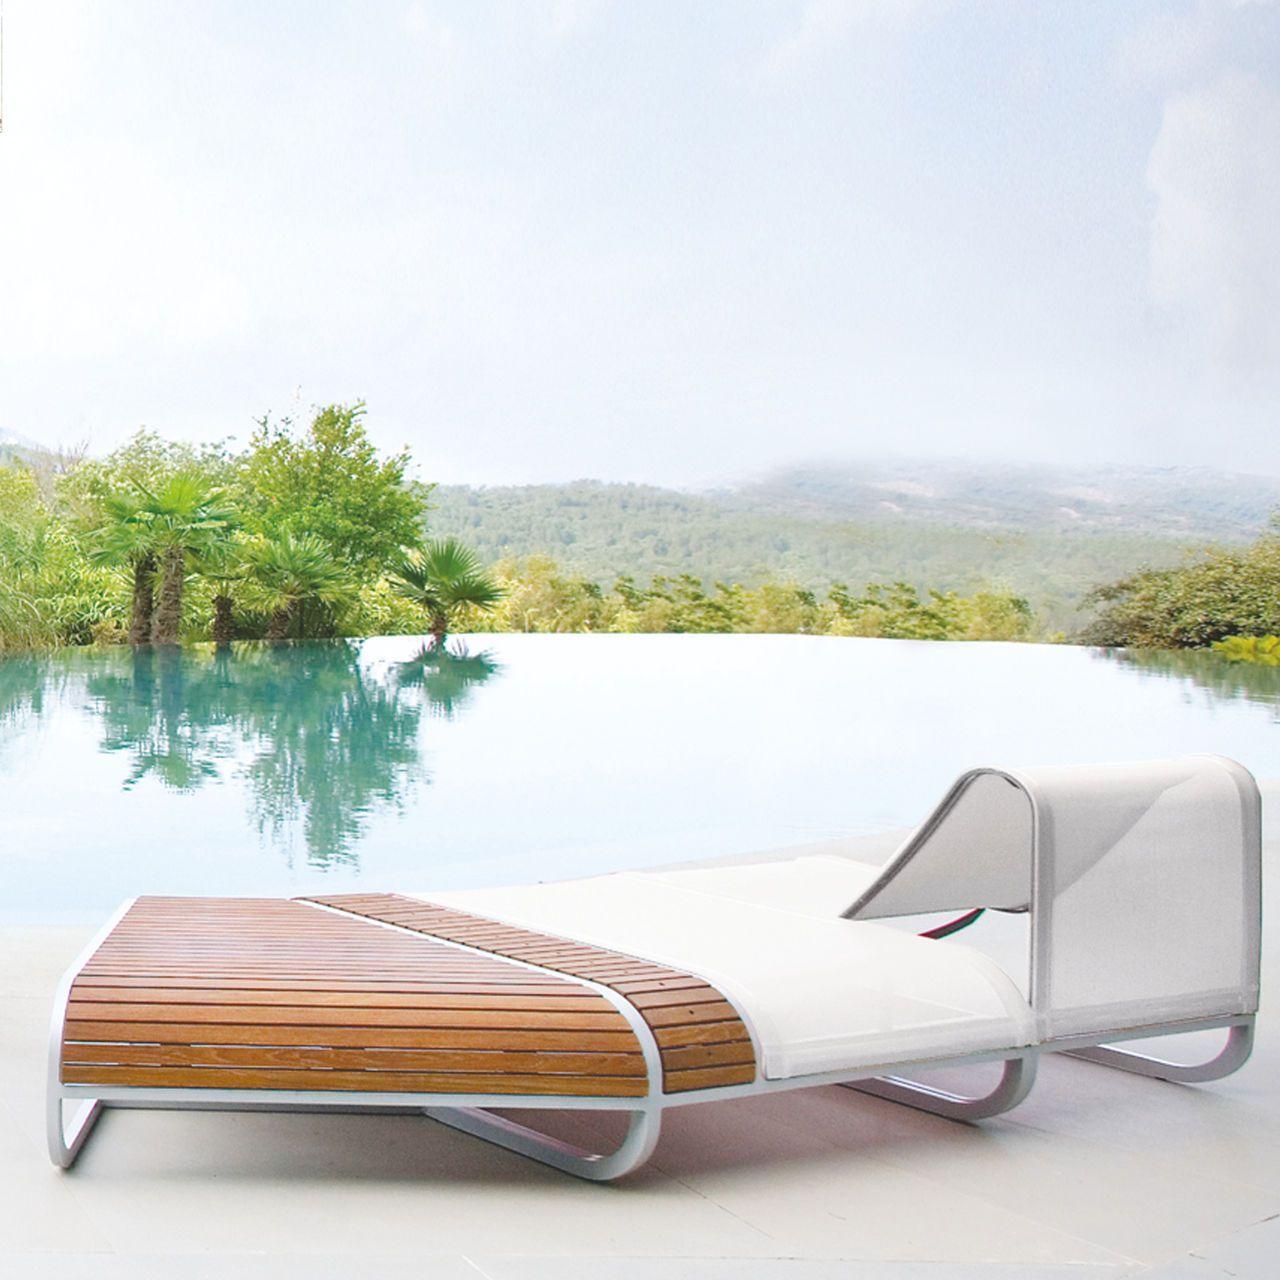 Designer-Lounge-Möbel von EgoParis | Design | Pinterest | Tandem